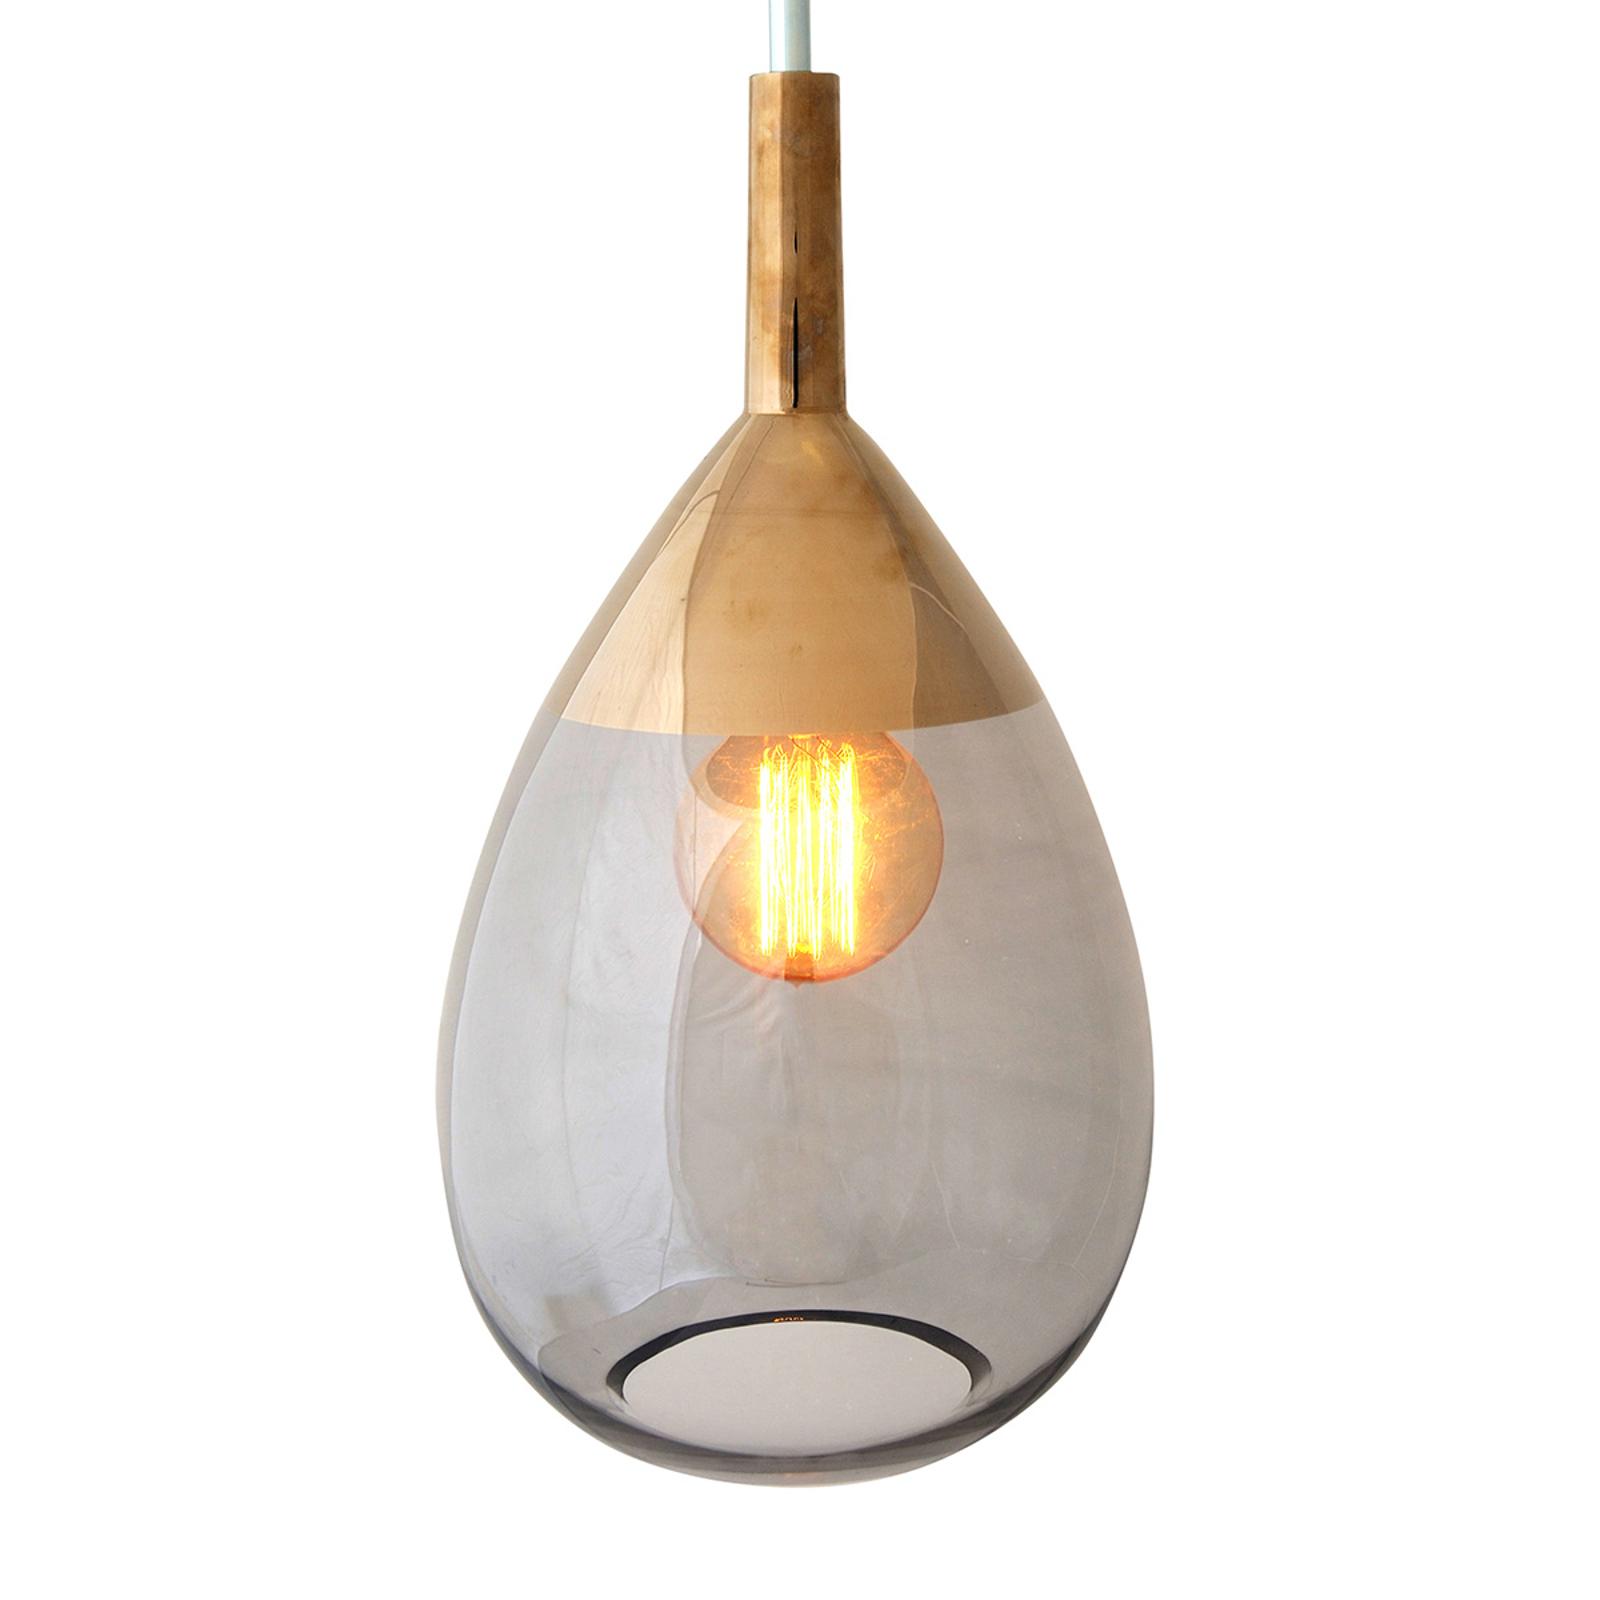 EBB & FLOW Lute lampa wisząca platyna szkło, szara